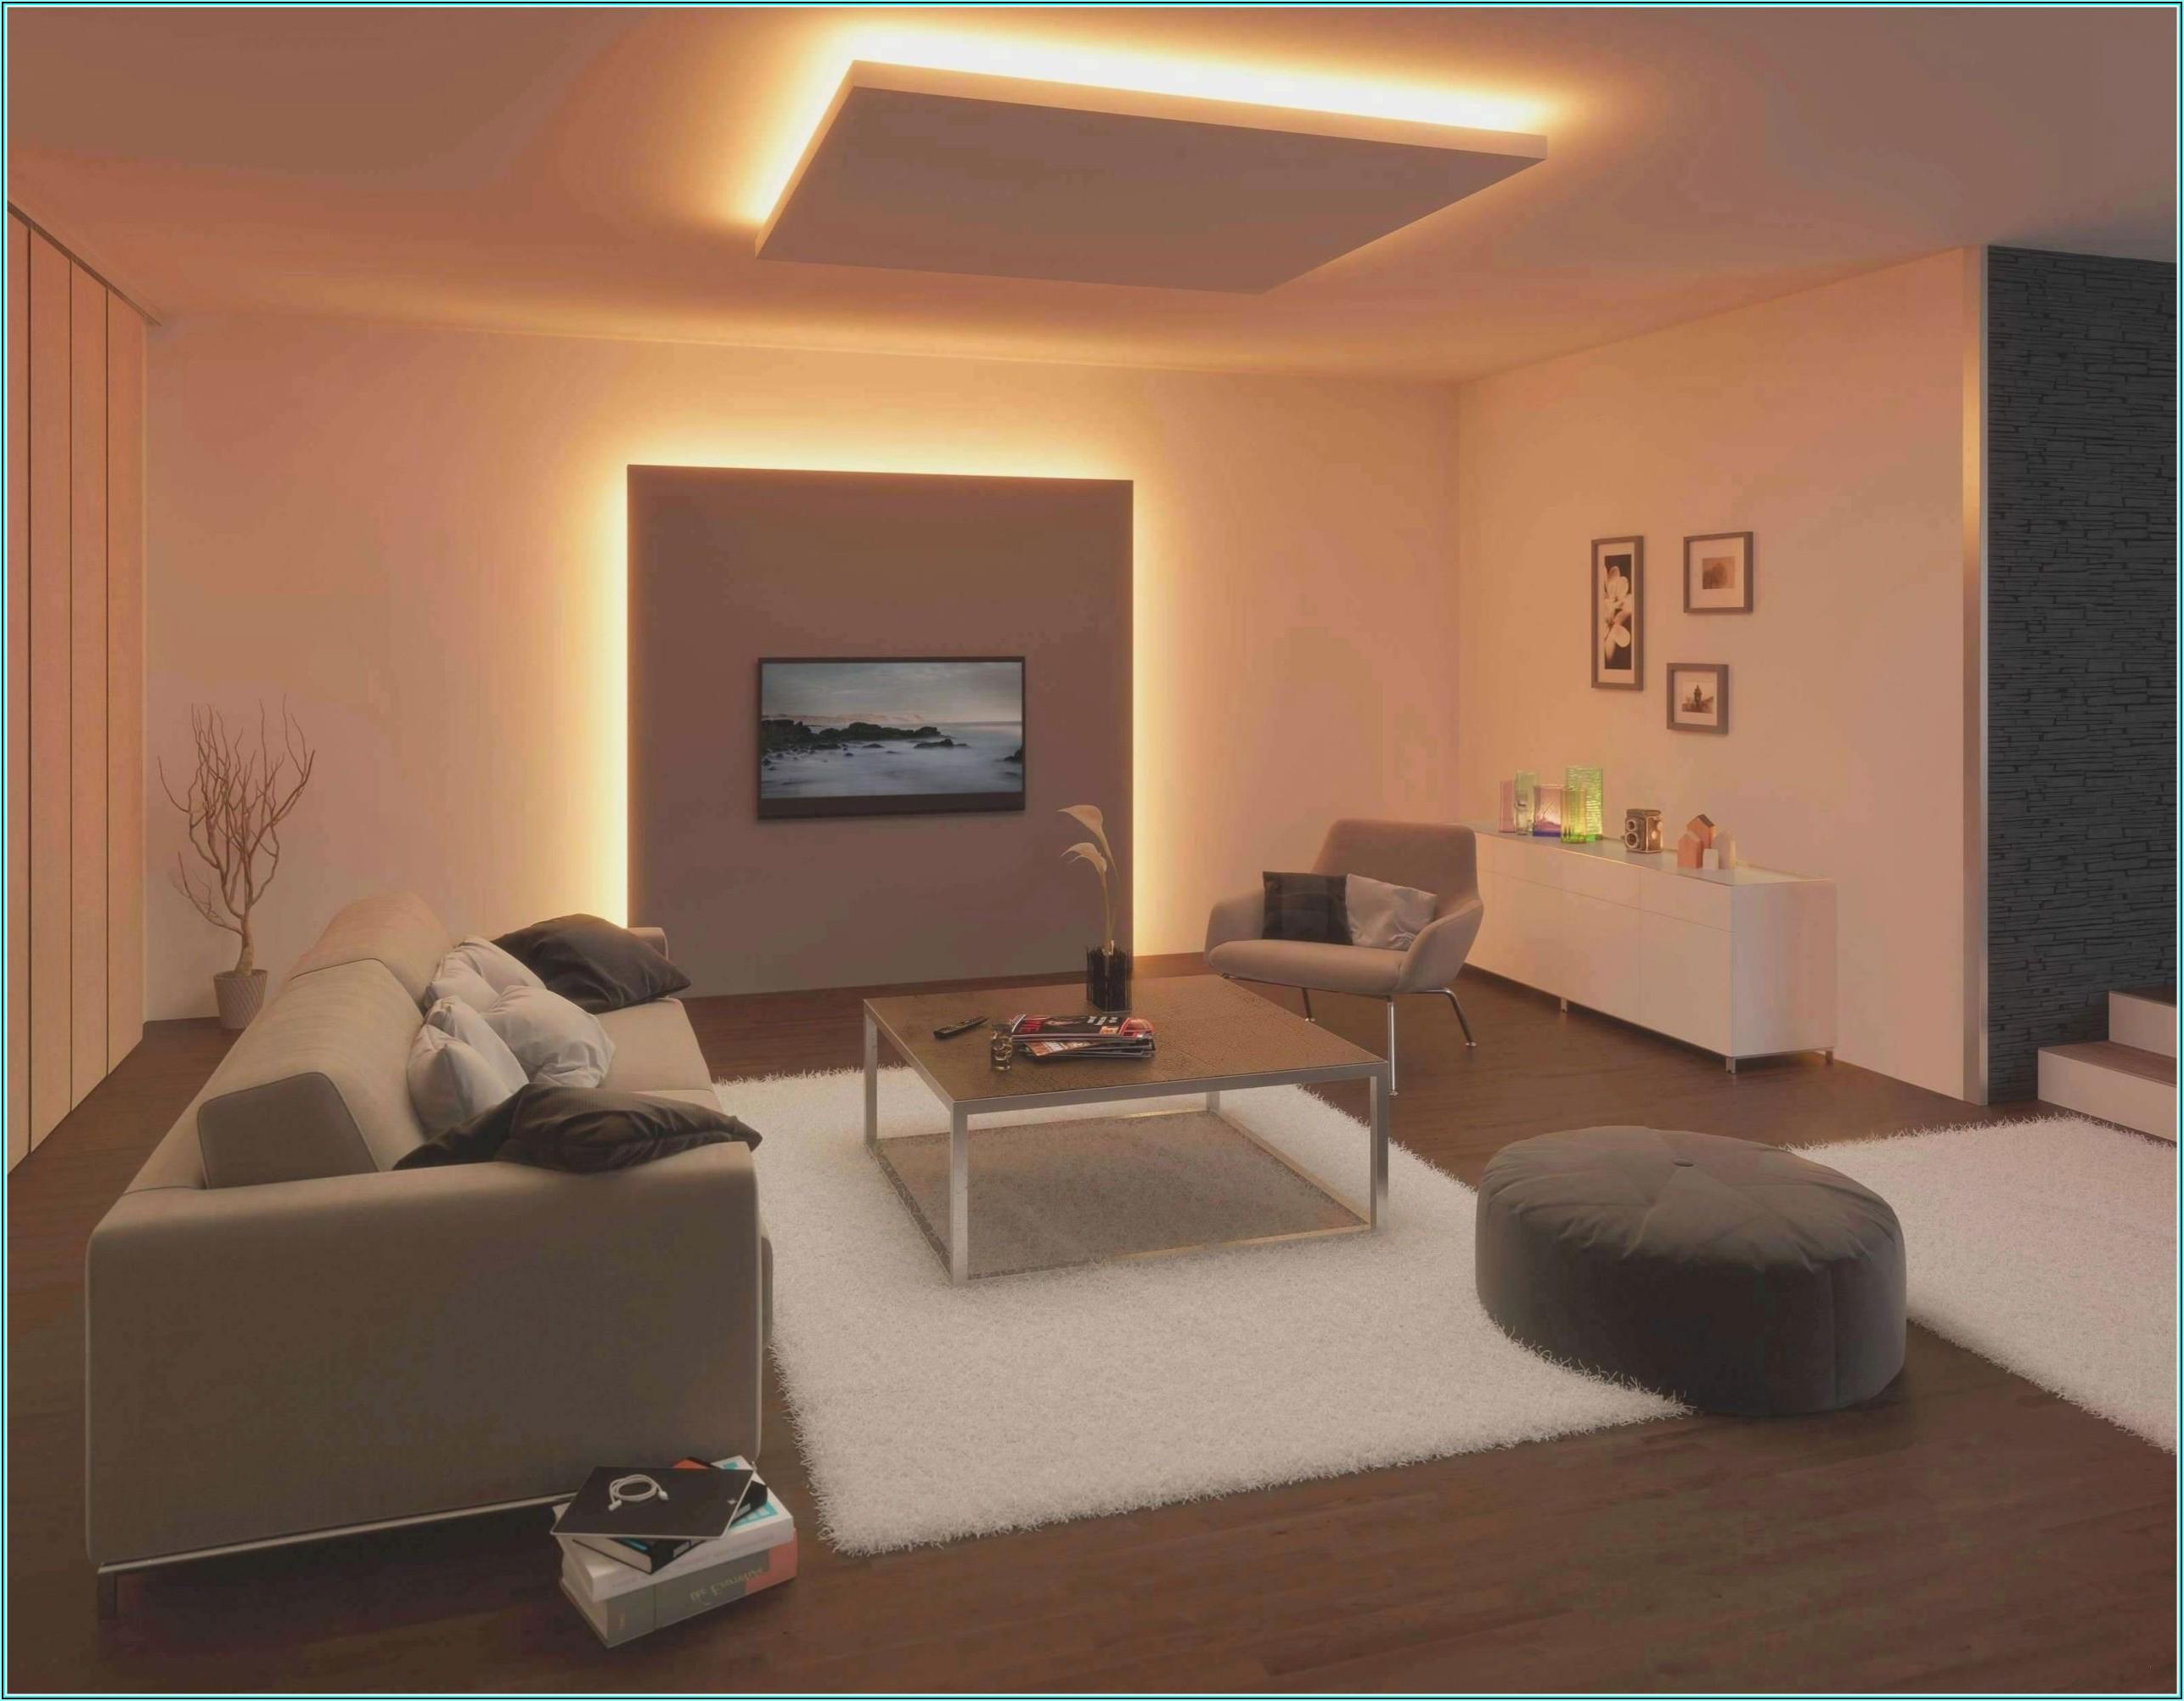 Bilder Wohnzimmer Landhausstil